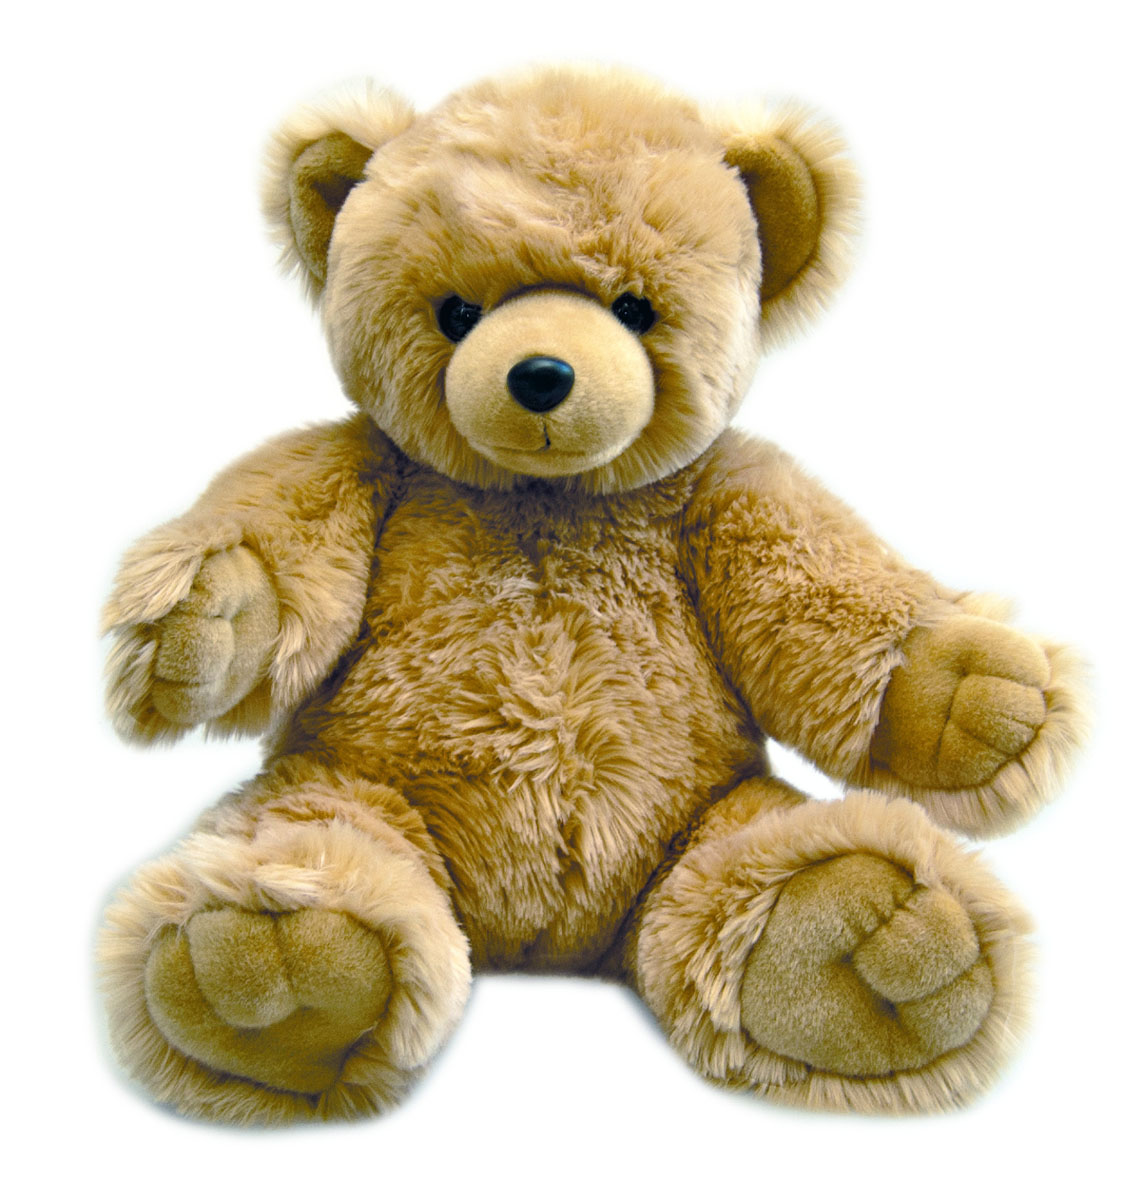 Мягкая игрушка Aurora Медведь. Обними меня, цвет: коричневый, 72 см малышарики мягкая игрушка собака бассет хаунд 23 см